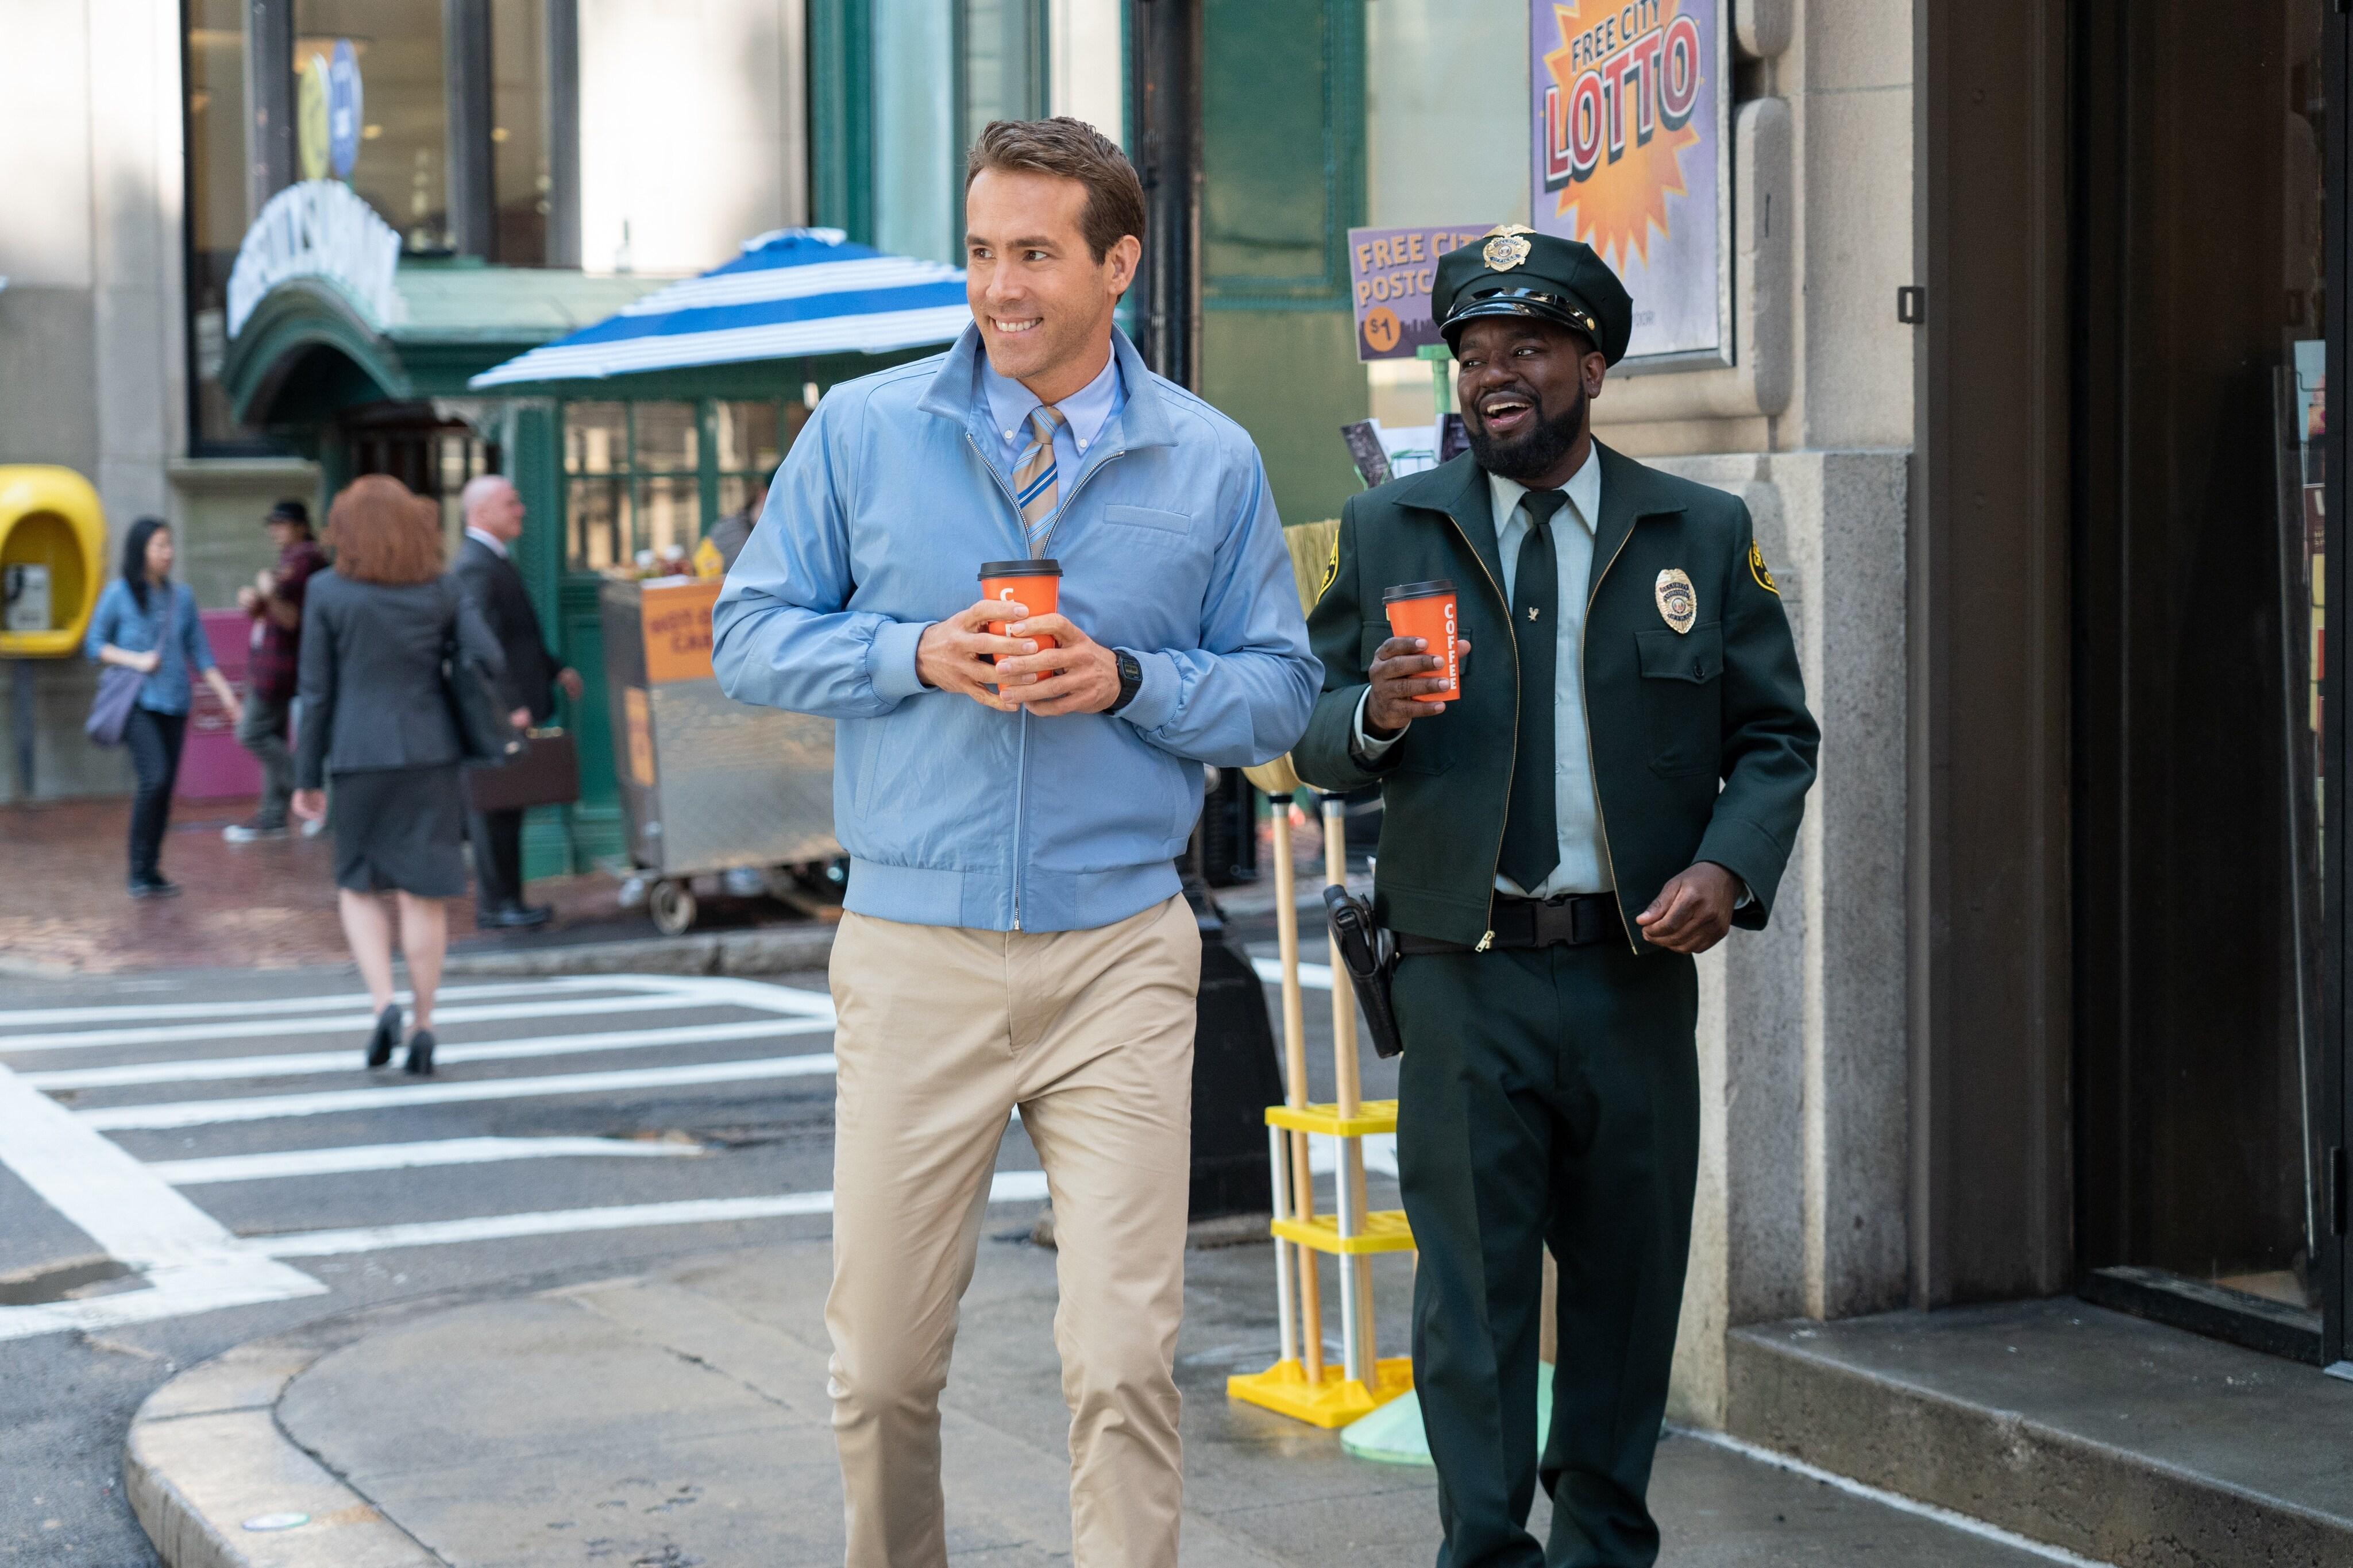 Ryan Reynolds walks down the street in a scene from Free Guy